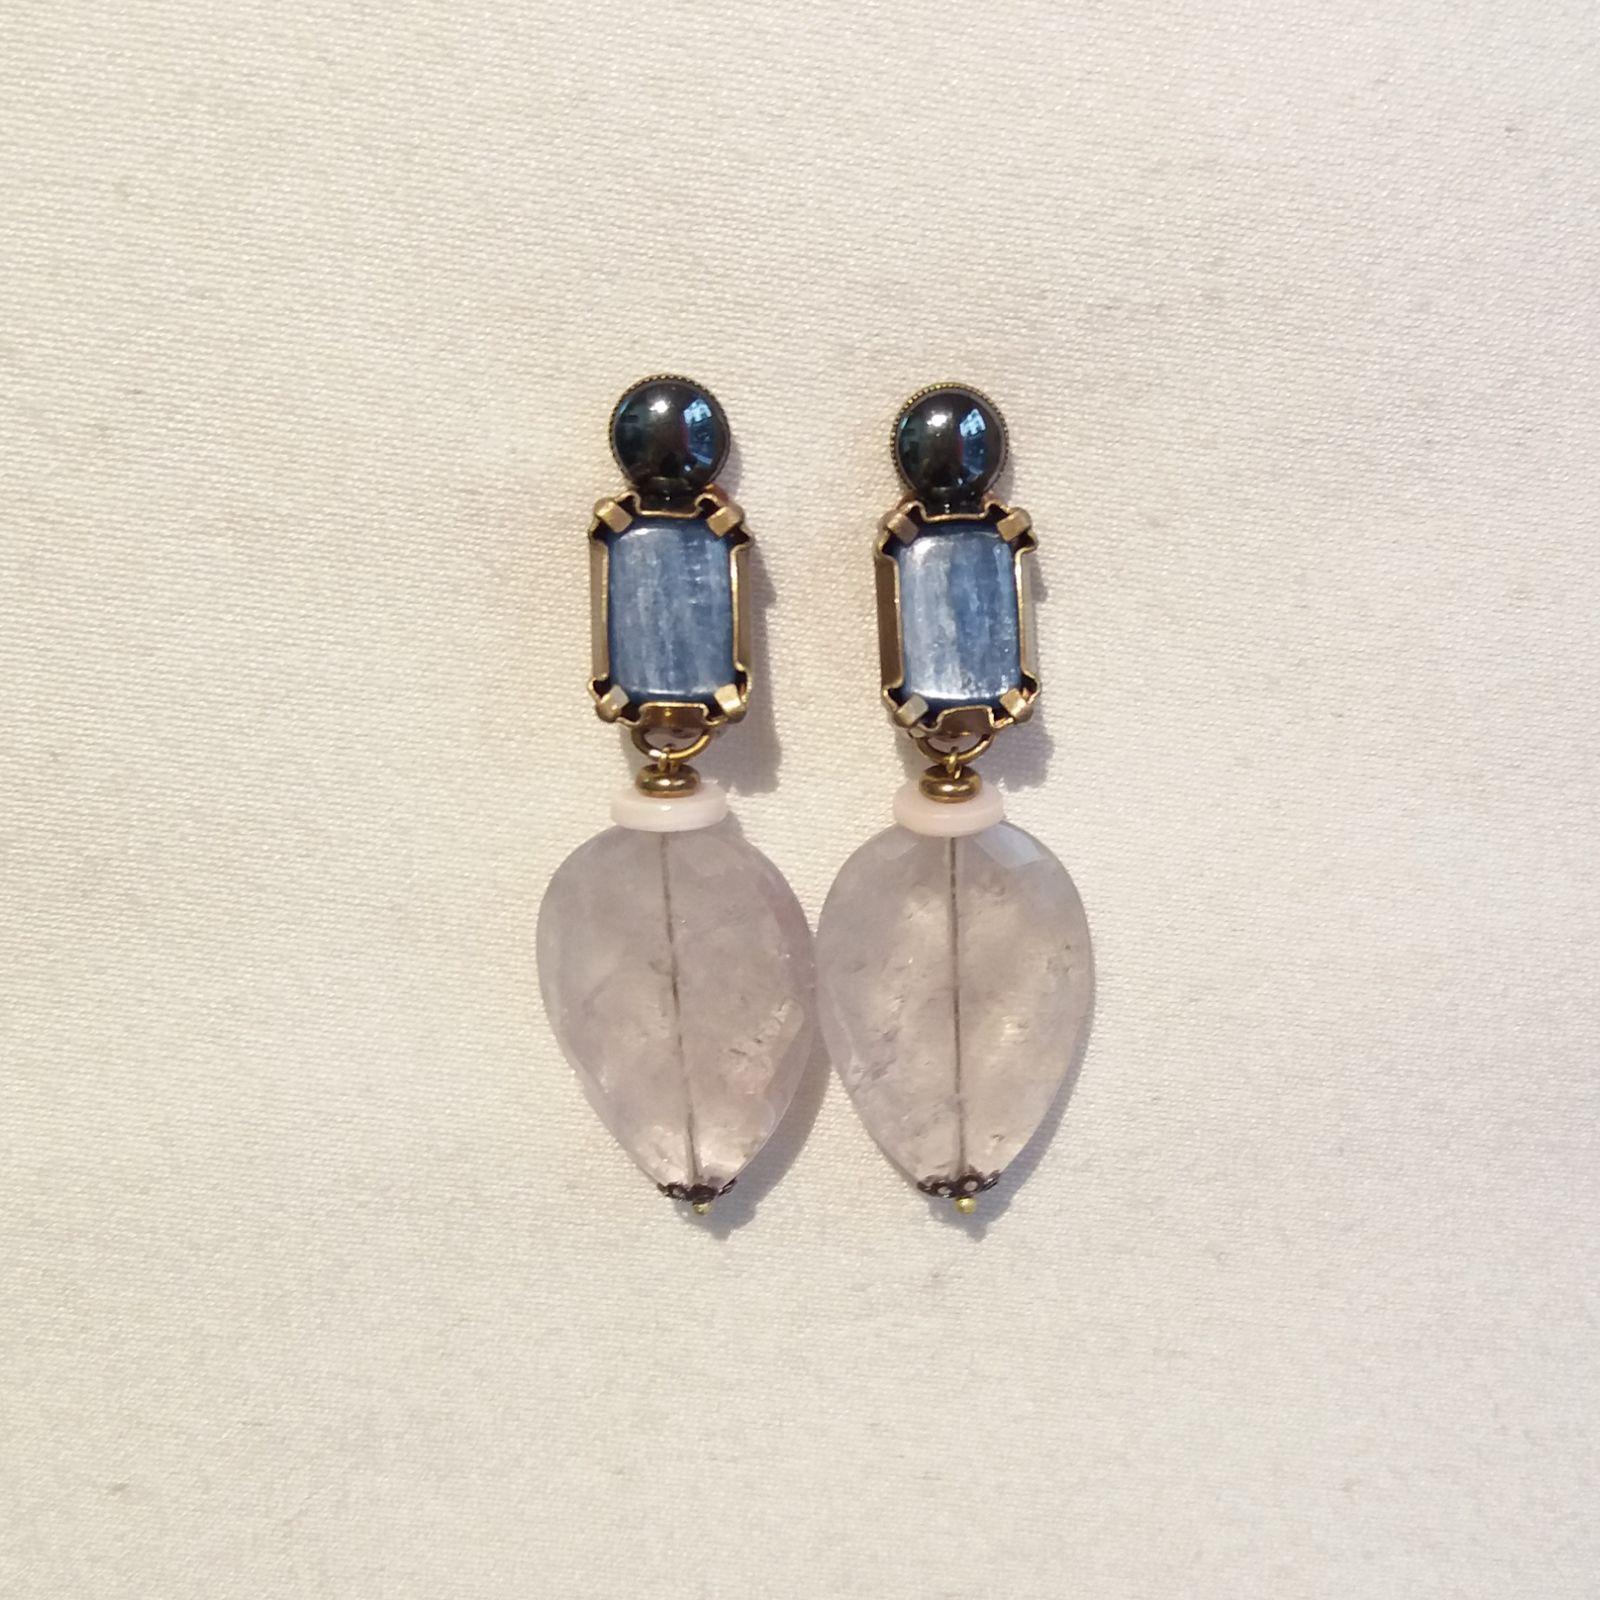 Boucles d'oreilles clips. Bijoux de créateur. Paris.